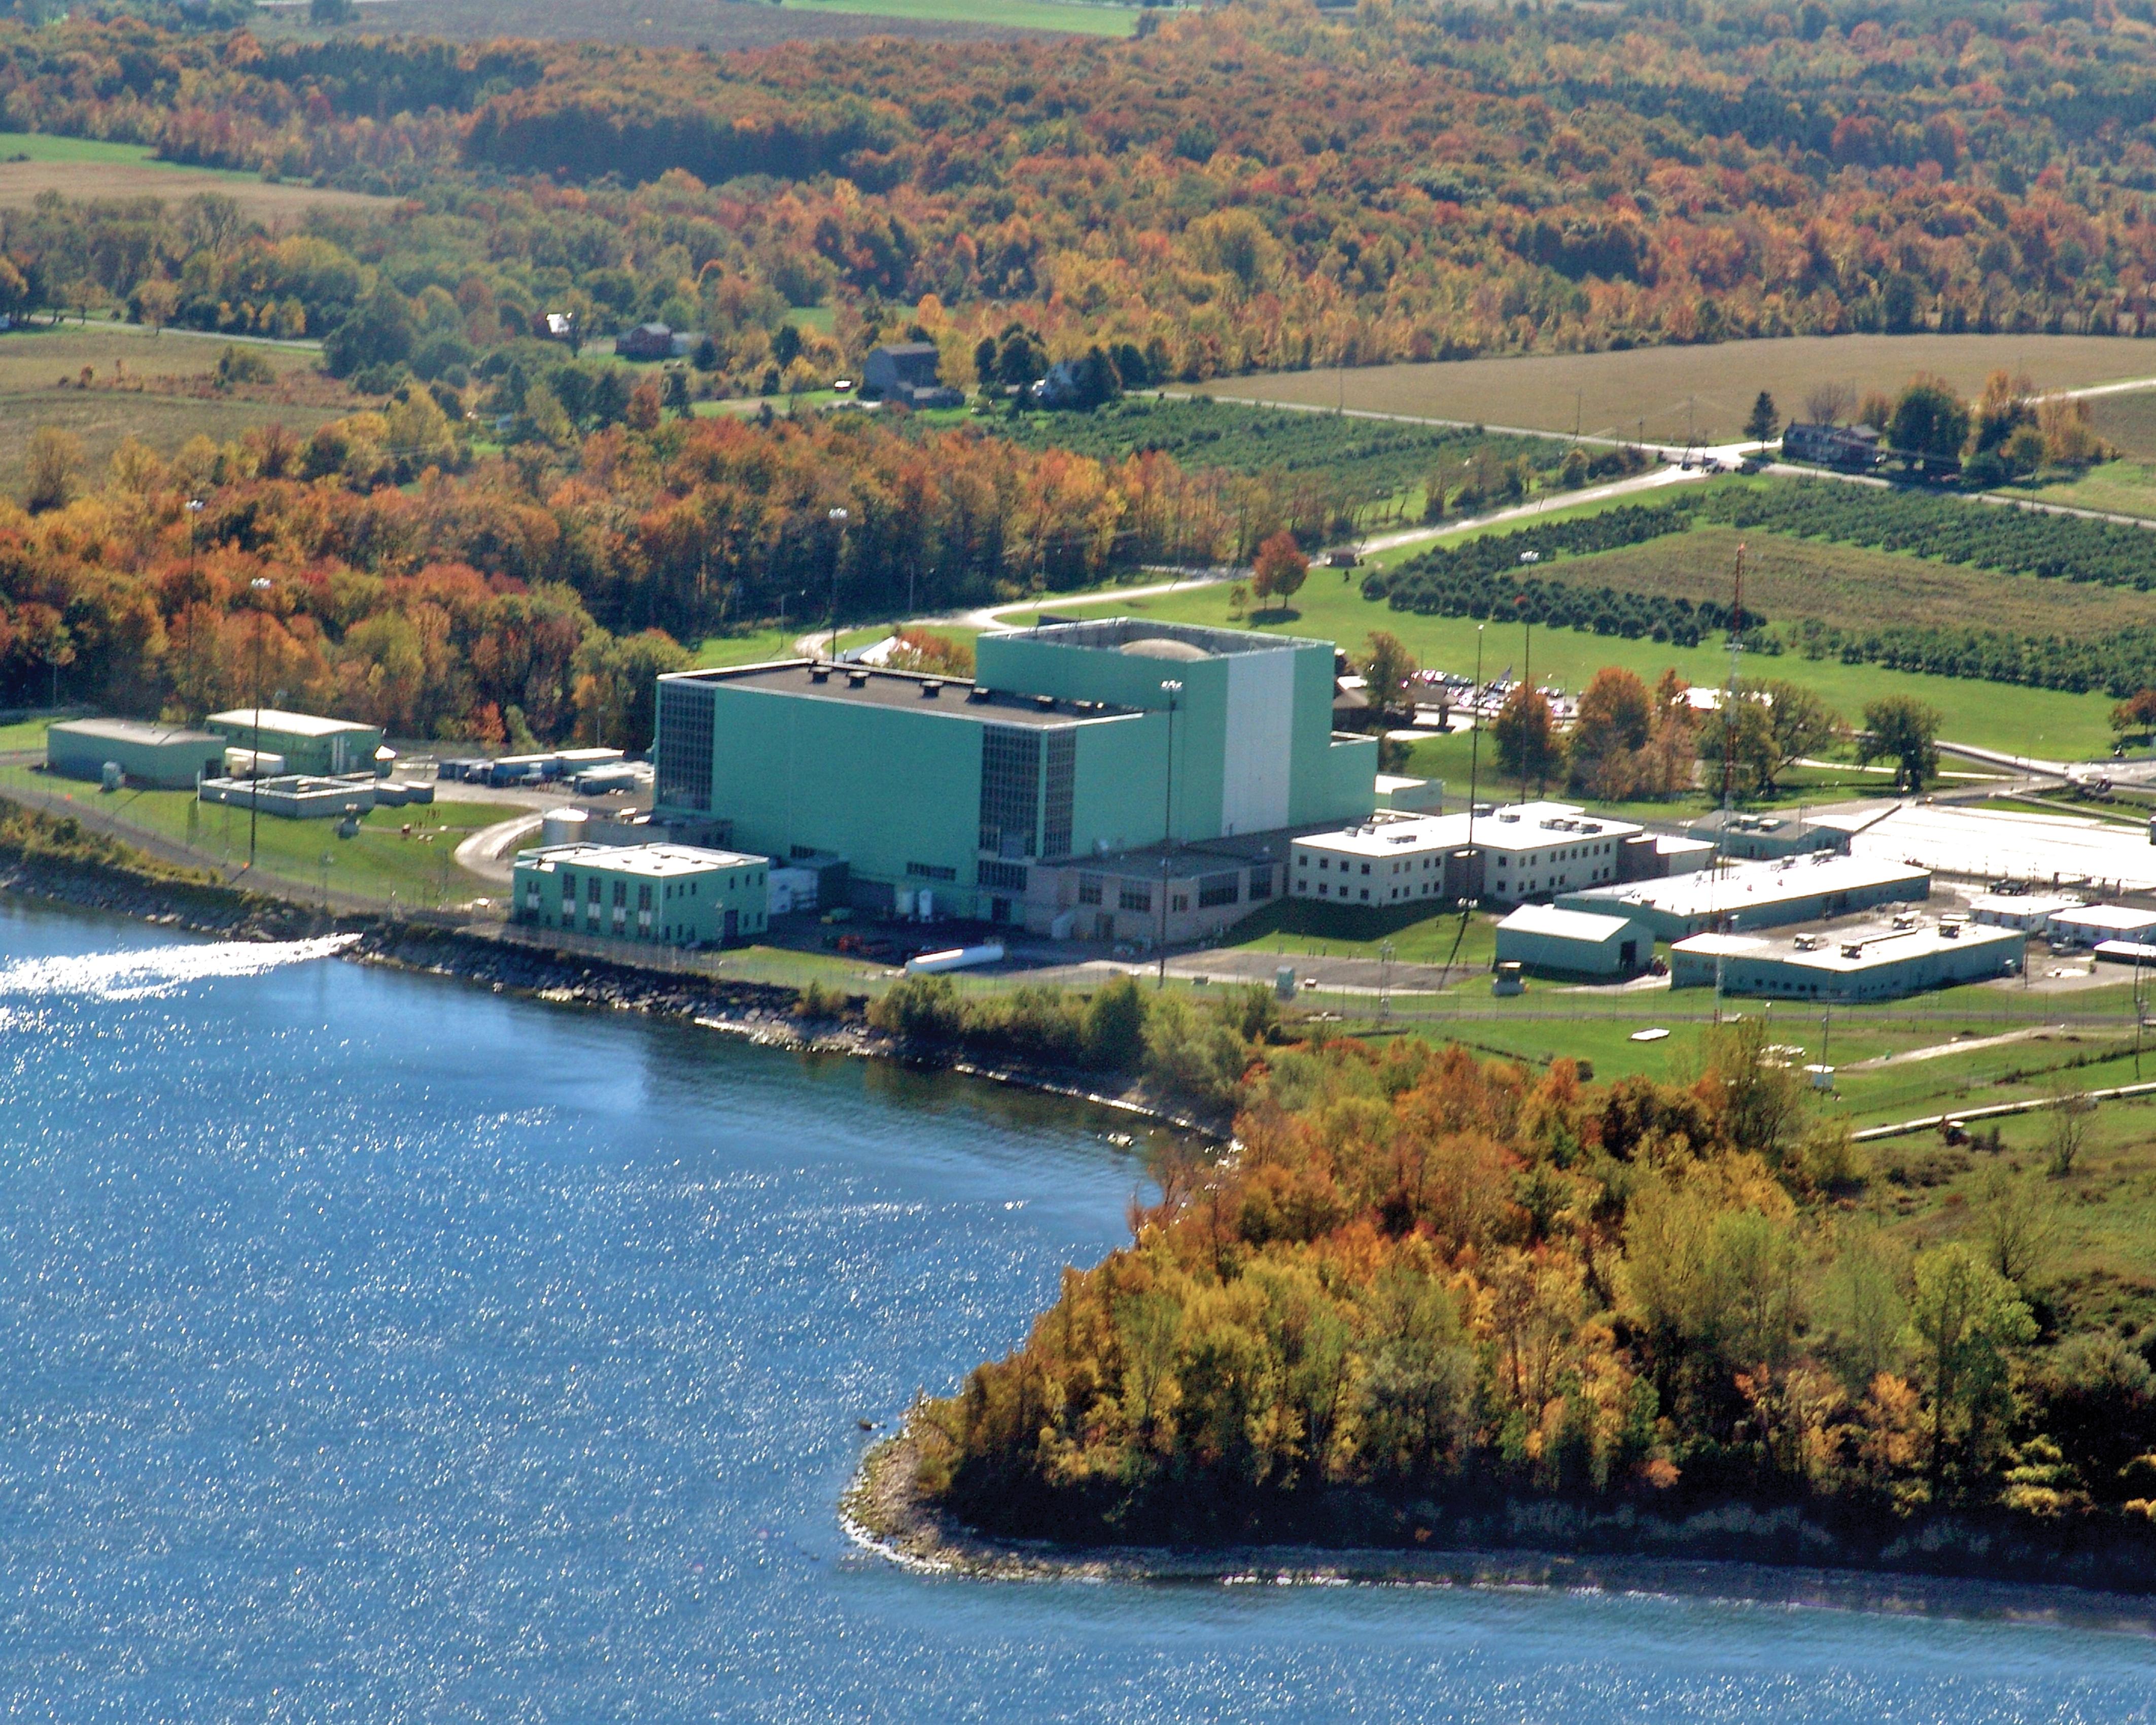 Exelon uzavřel se CB&I kontrakt za 800 milionů dolarů na údržbu pěti svých elektráren